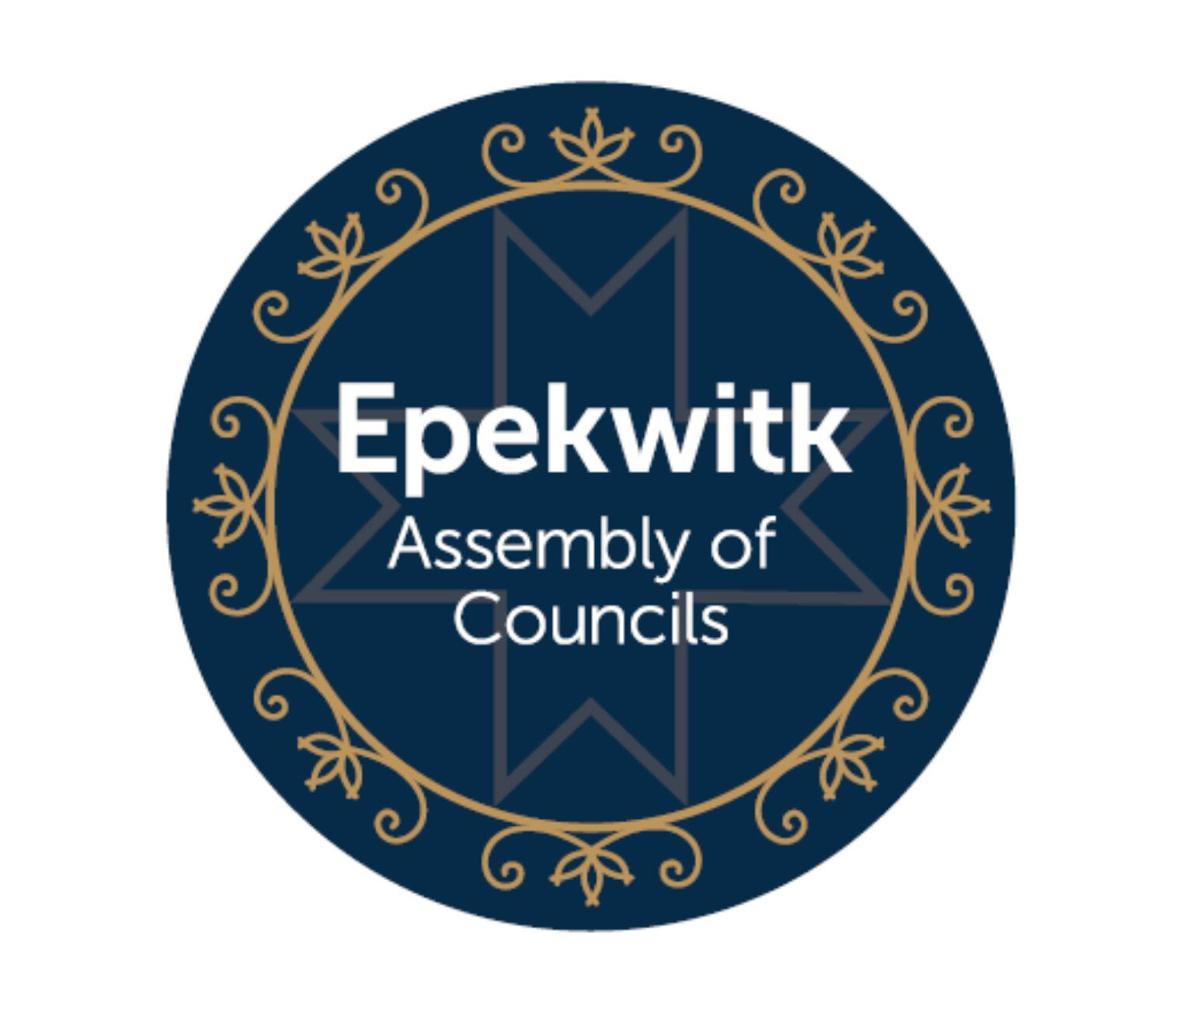 Epekwitk